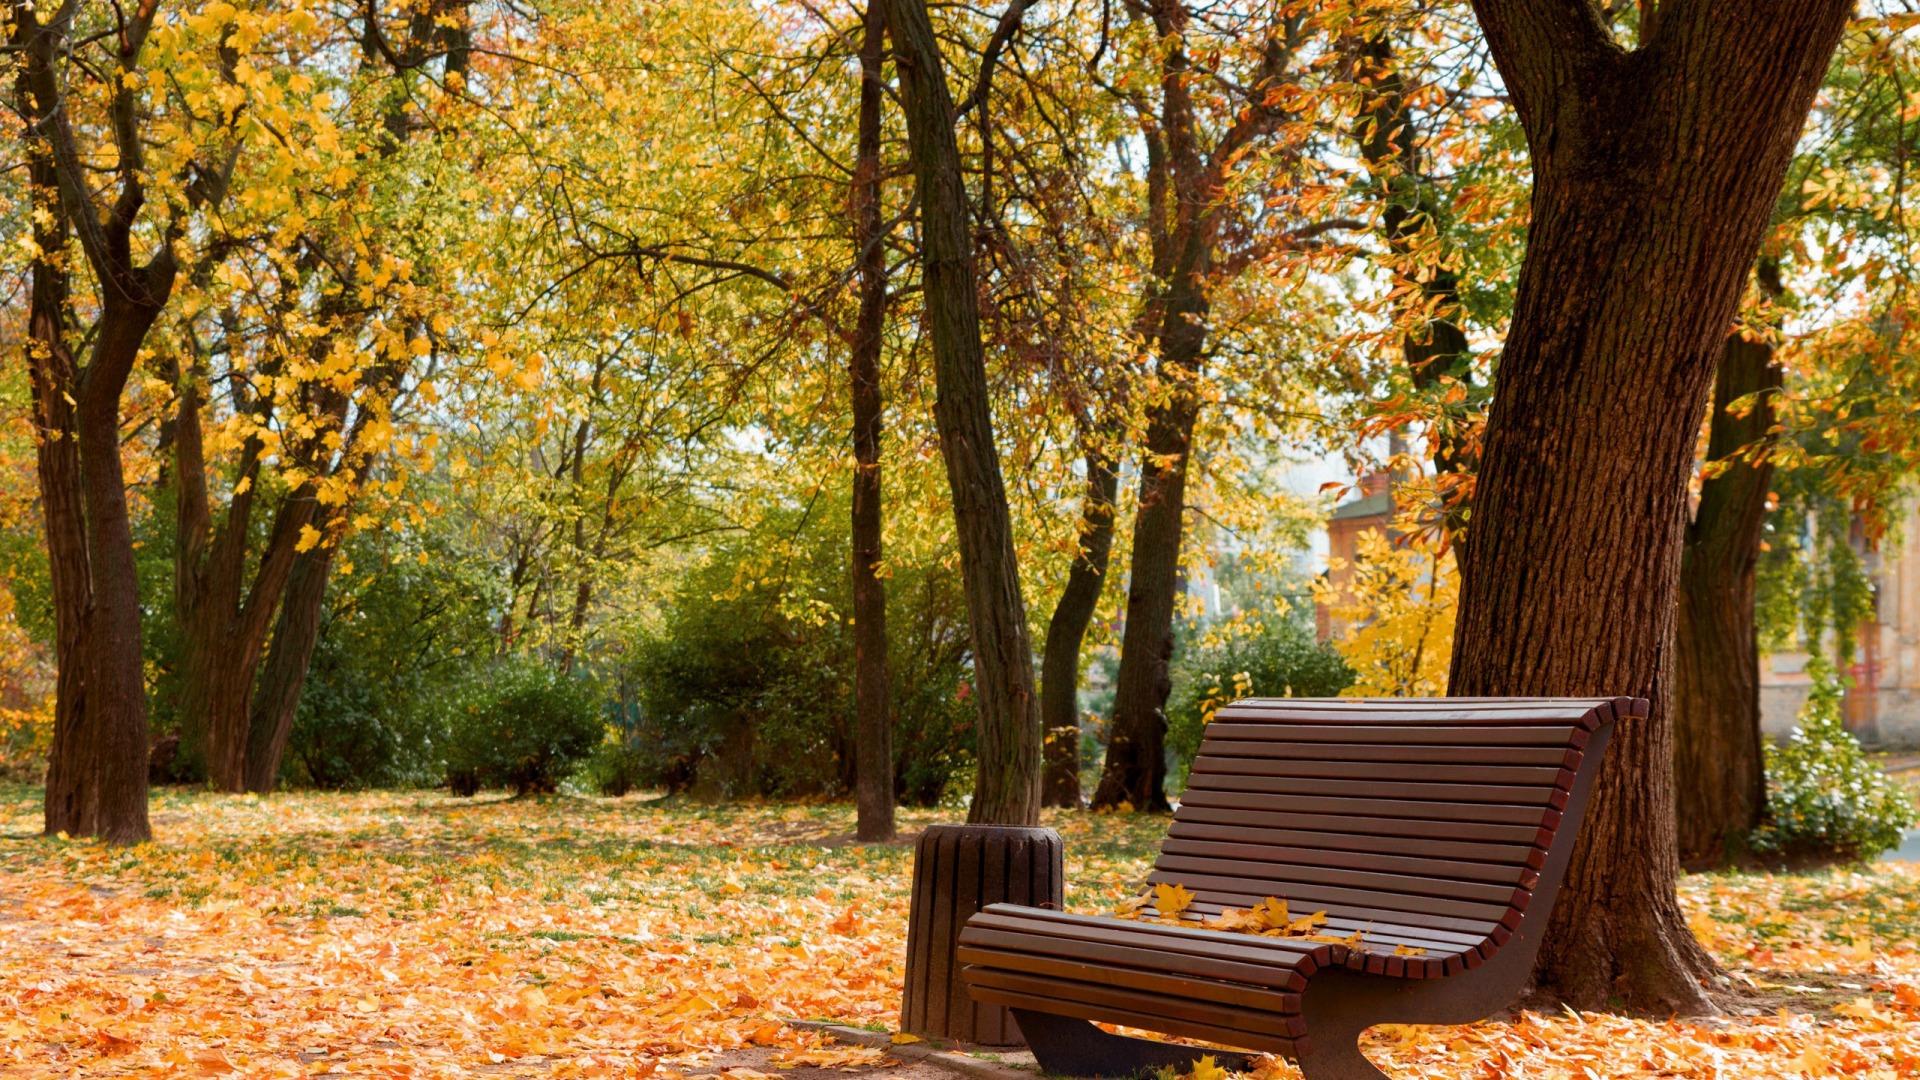 осень в парке, Черкассы, красота (1920x1080) - Обои - Природа